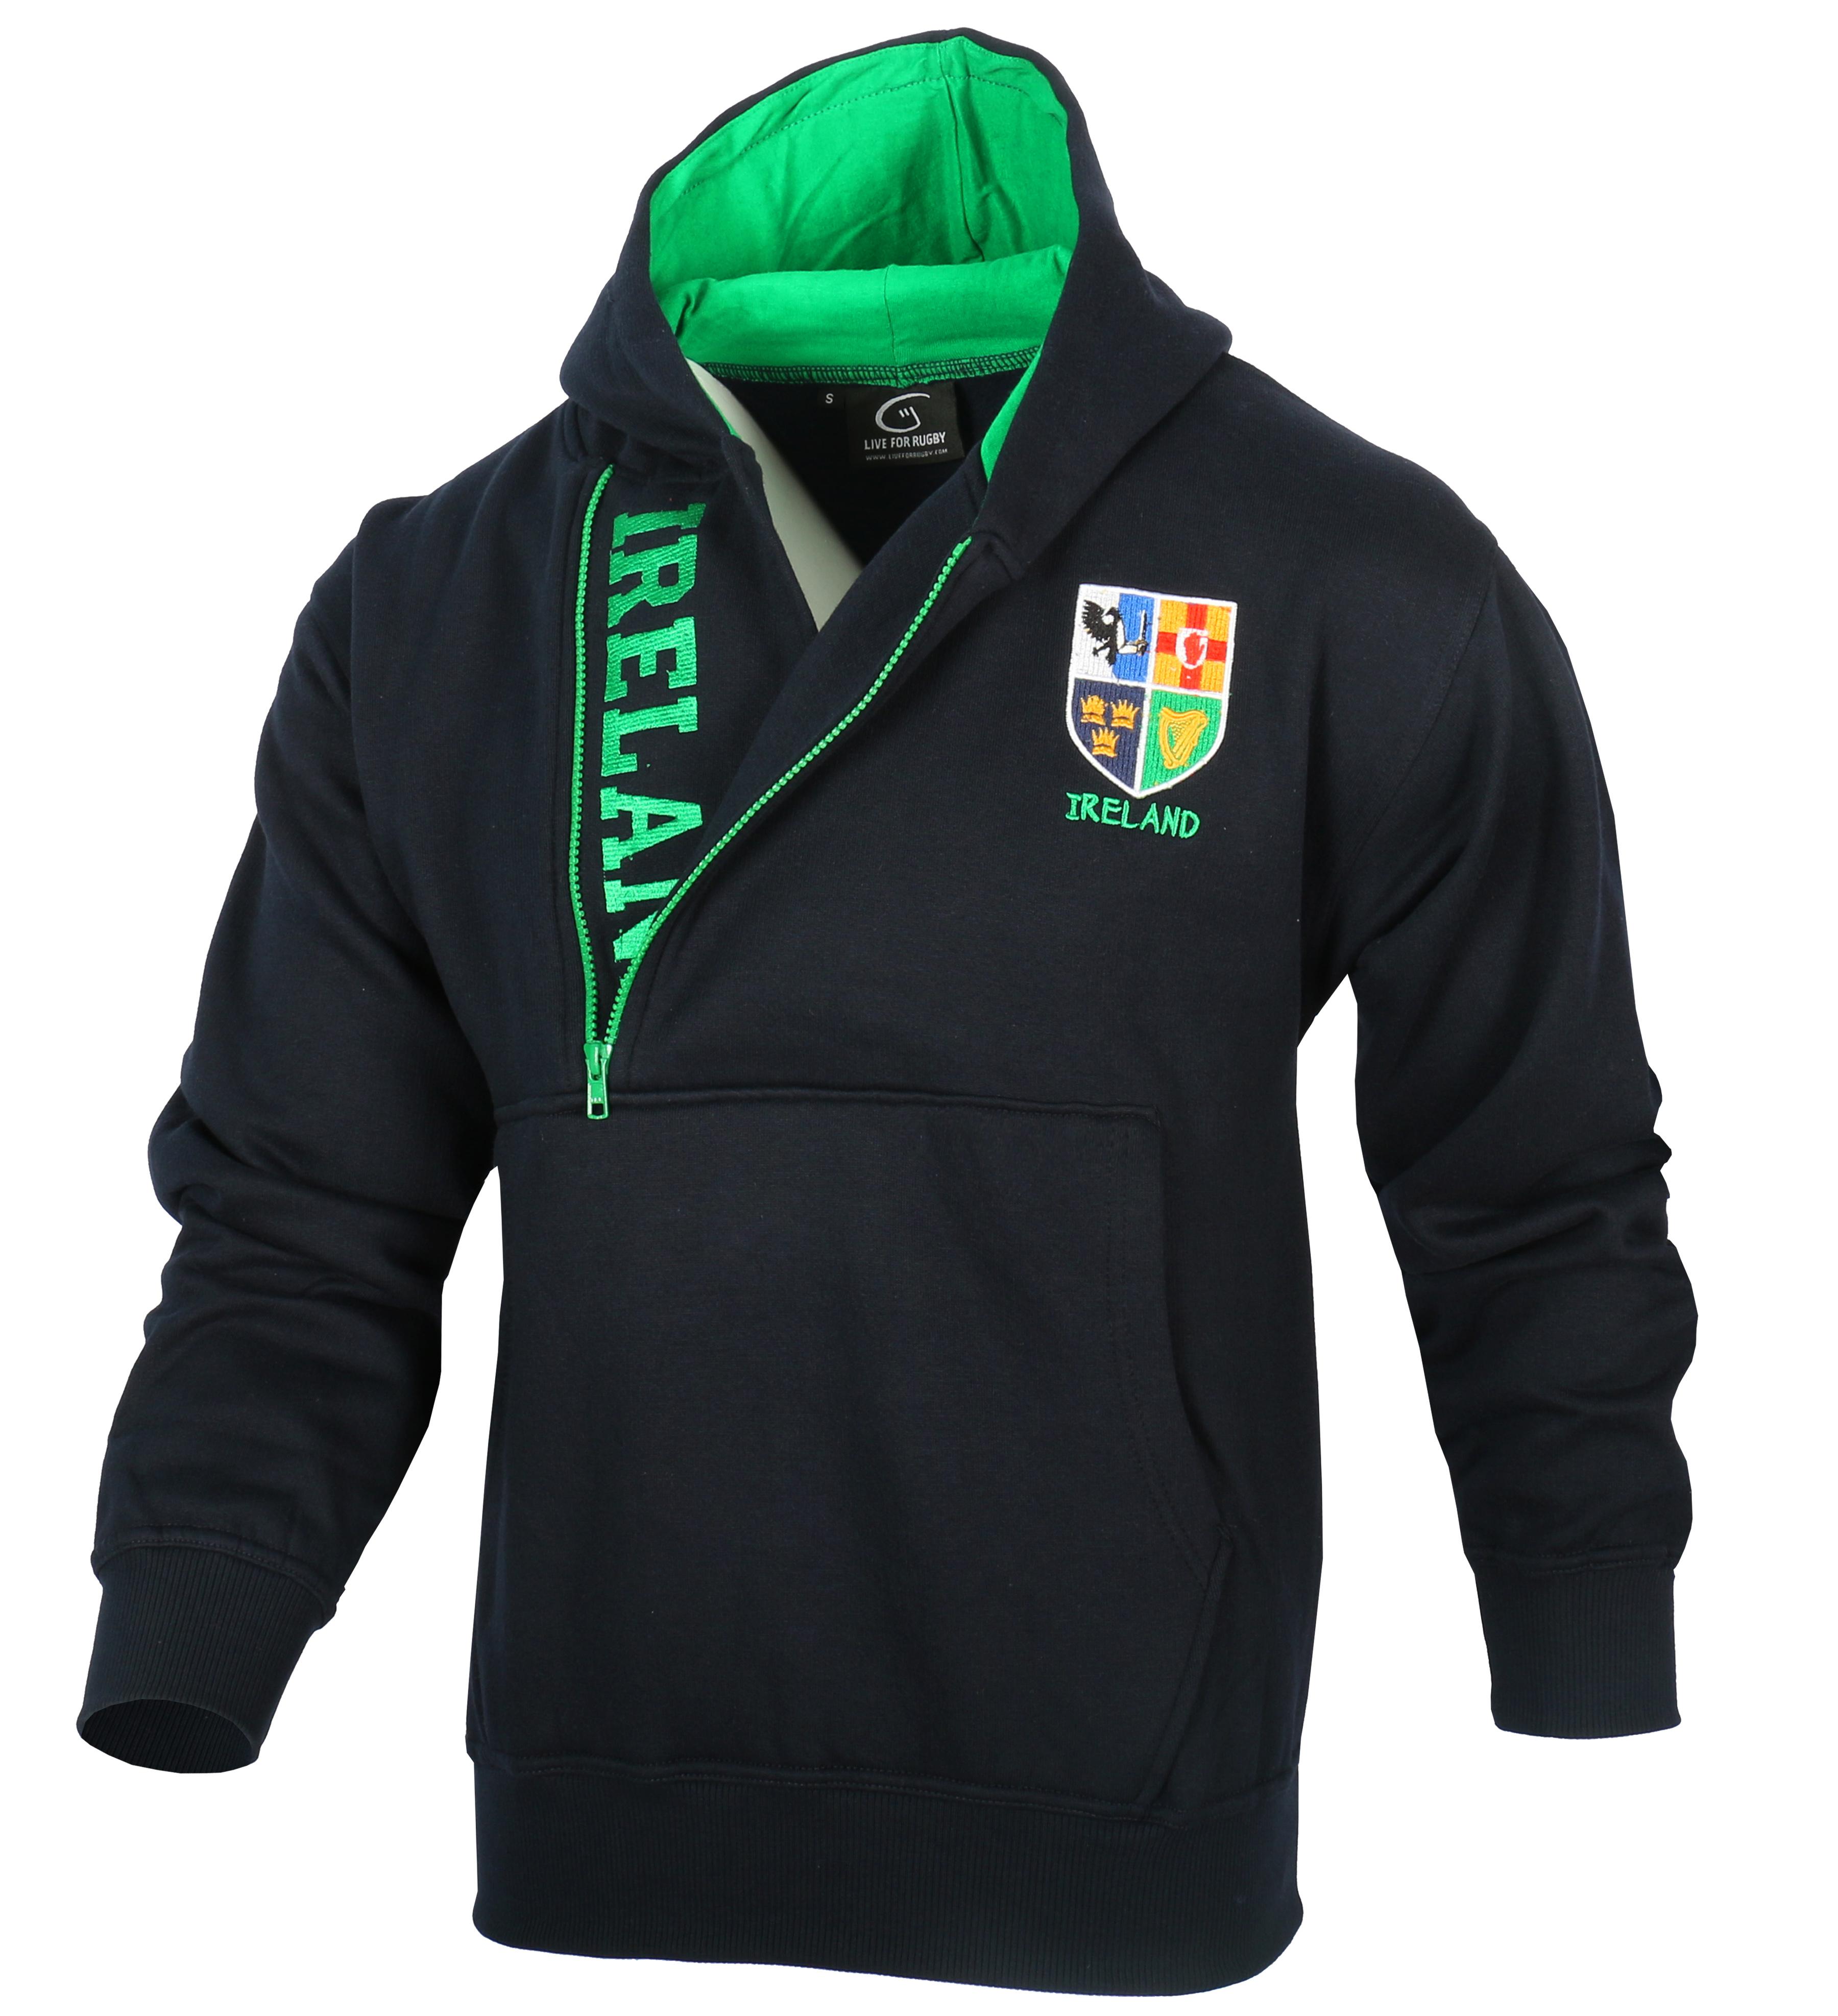 Men-039-s-Half-Zip-Hoodie-Pullover-Sweatshirt-Ireland-Navy-and-Green thumbnail 5